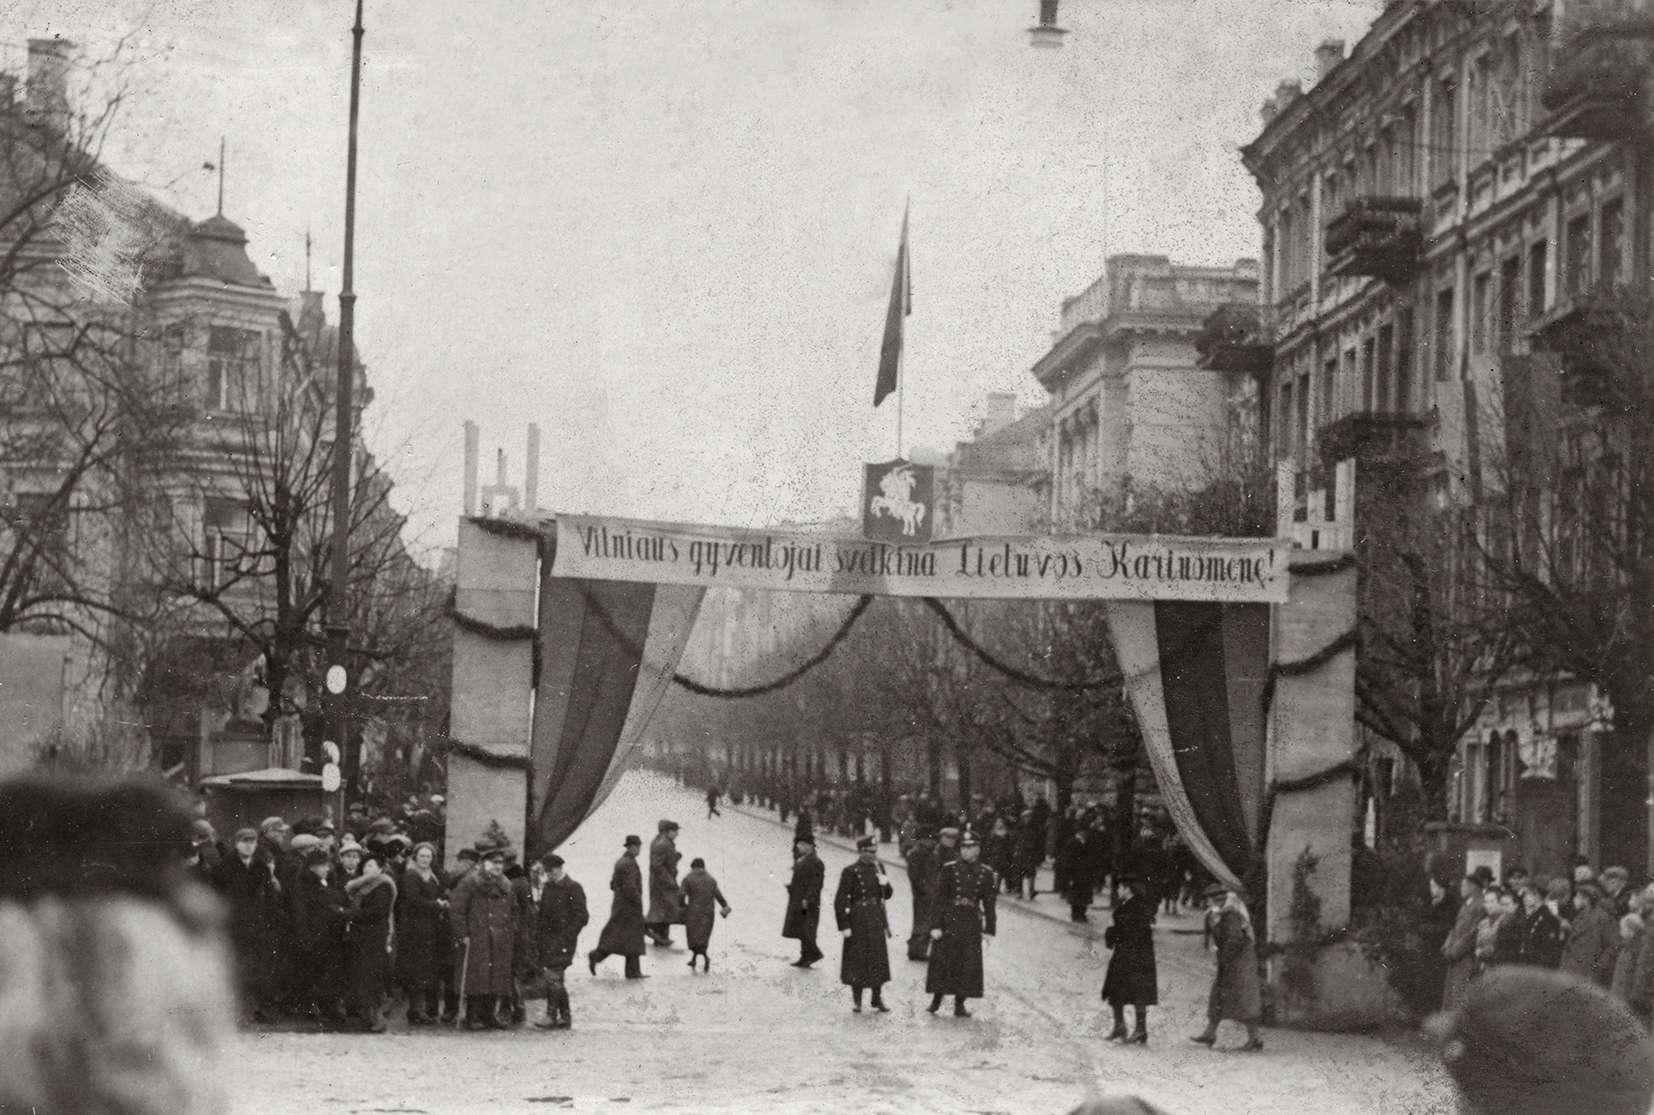 Julius Miežlaiškis. Gedimino prospektas. Vilnius | V. Juraičio archyvo nuotr.